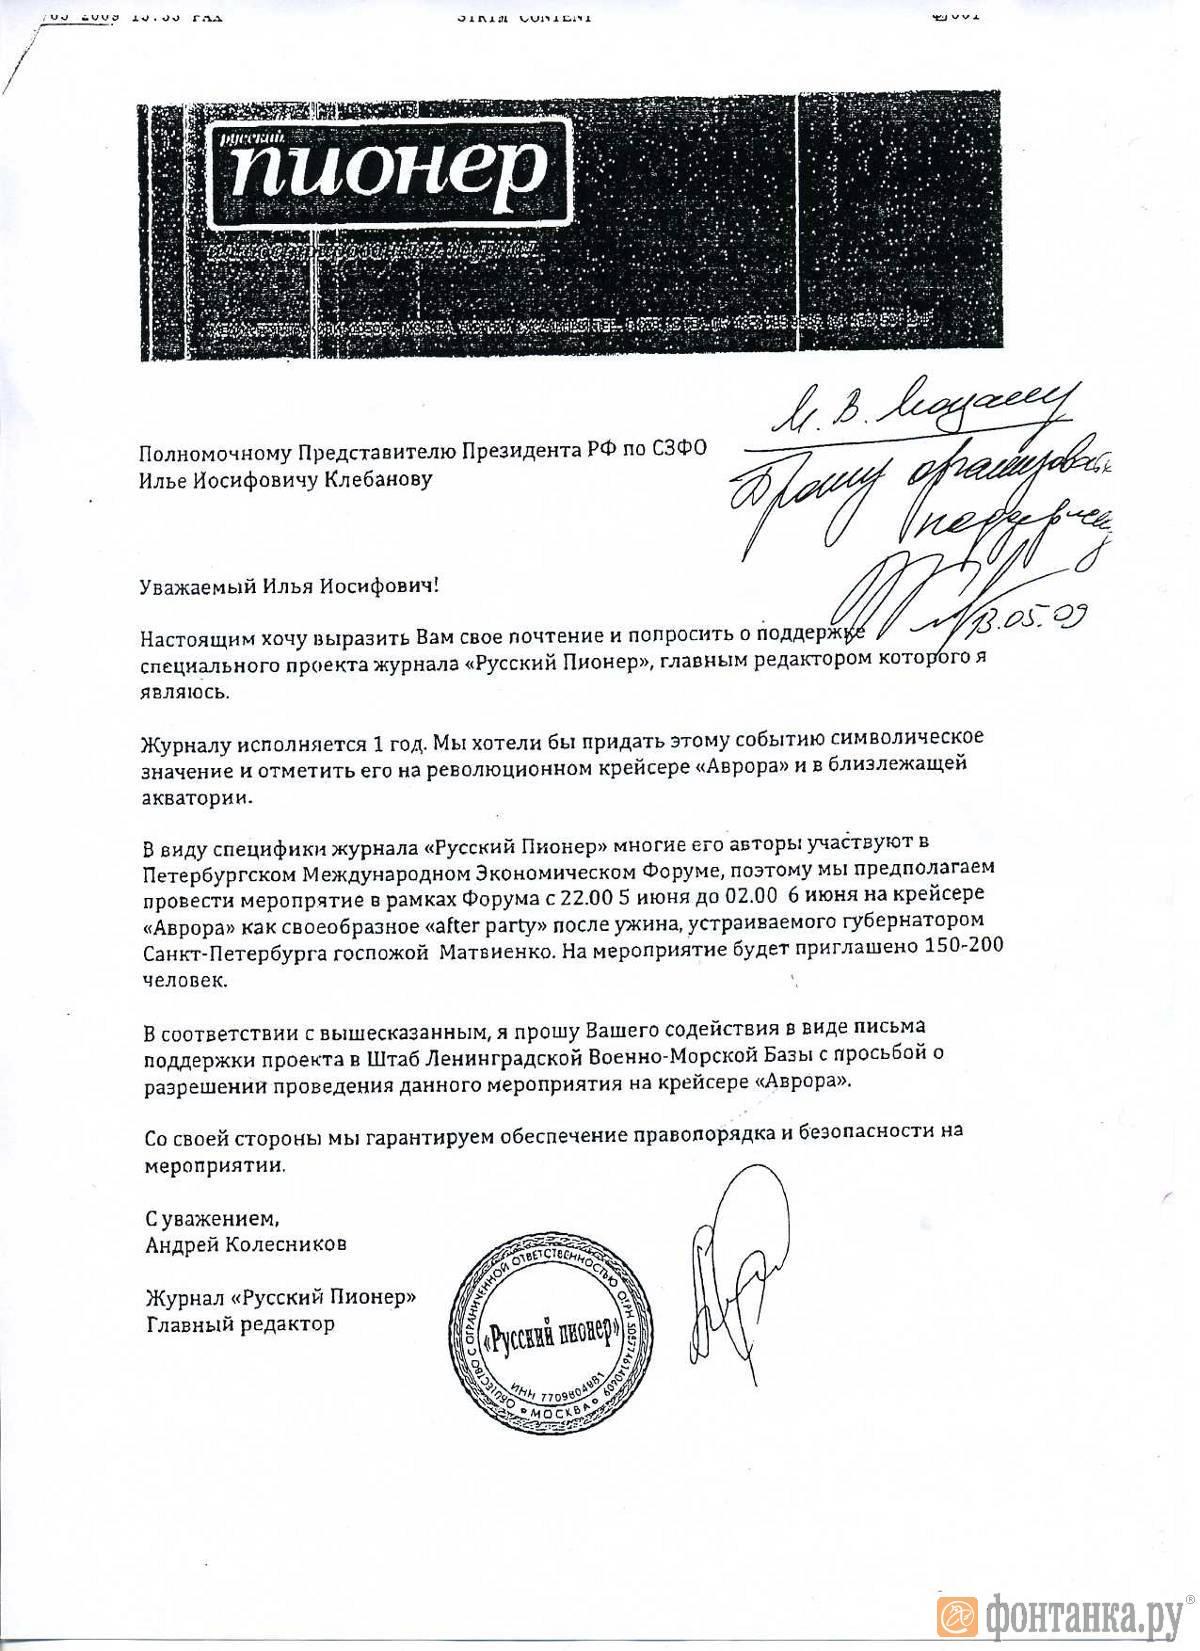 Обращение Колесникова в полпредство с визой Ильи Клебанова